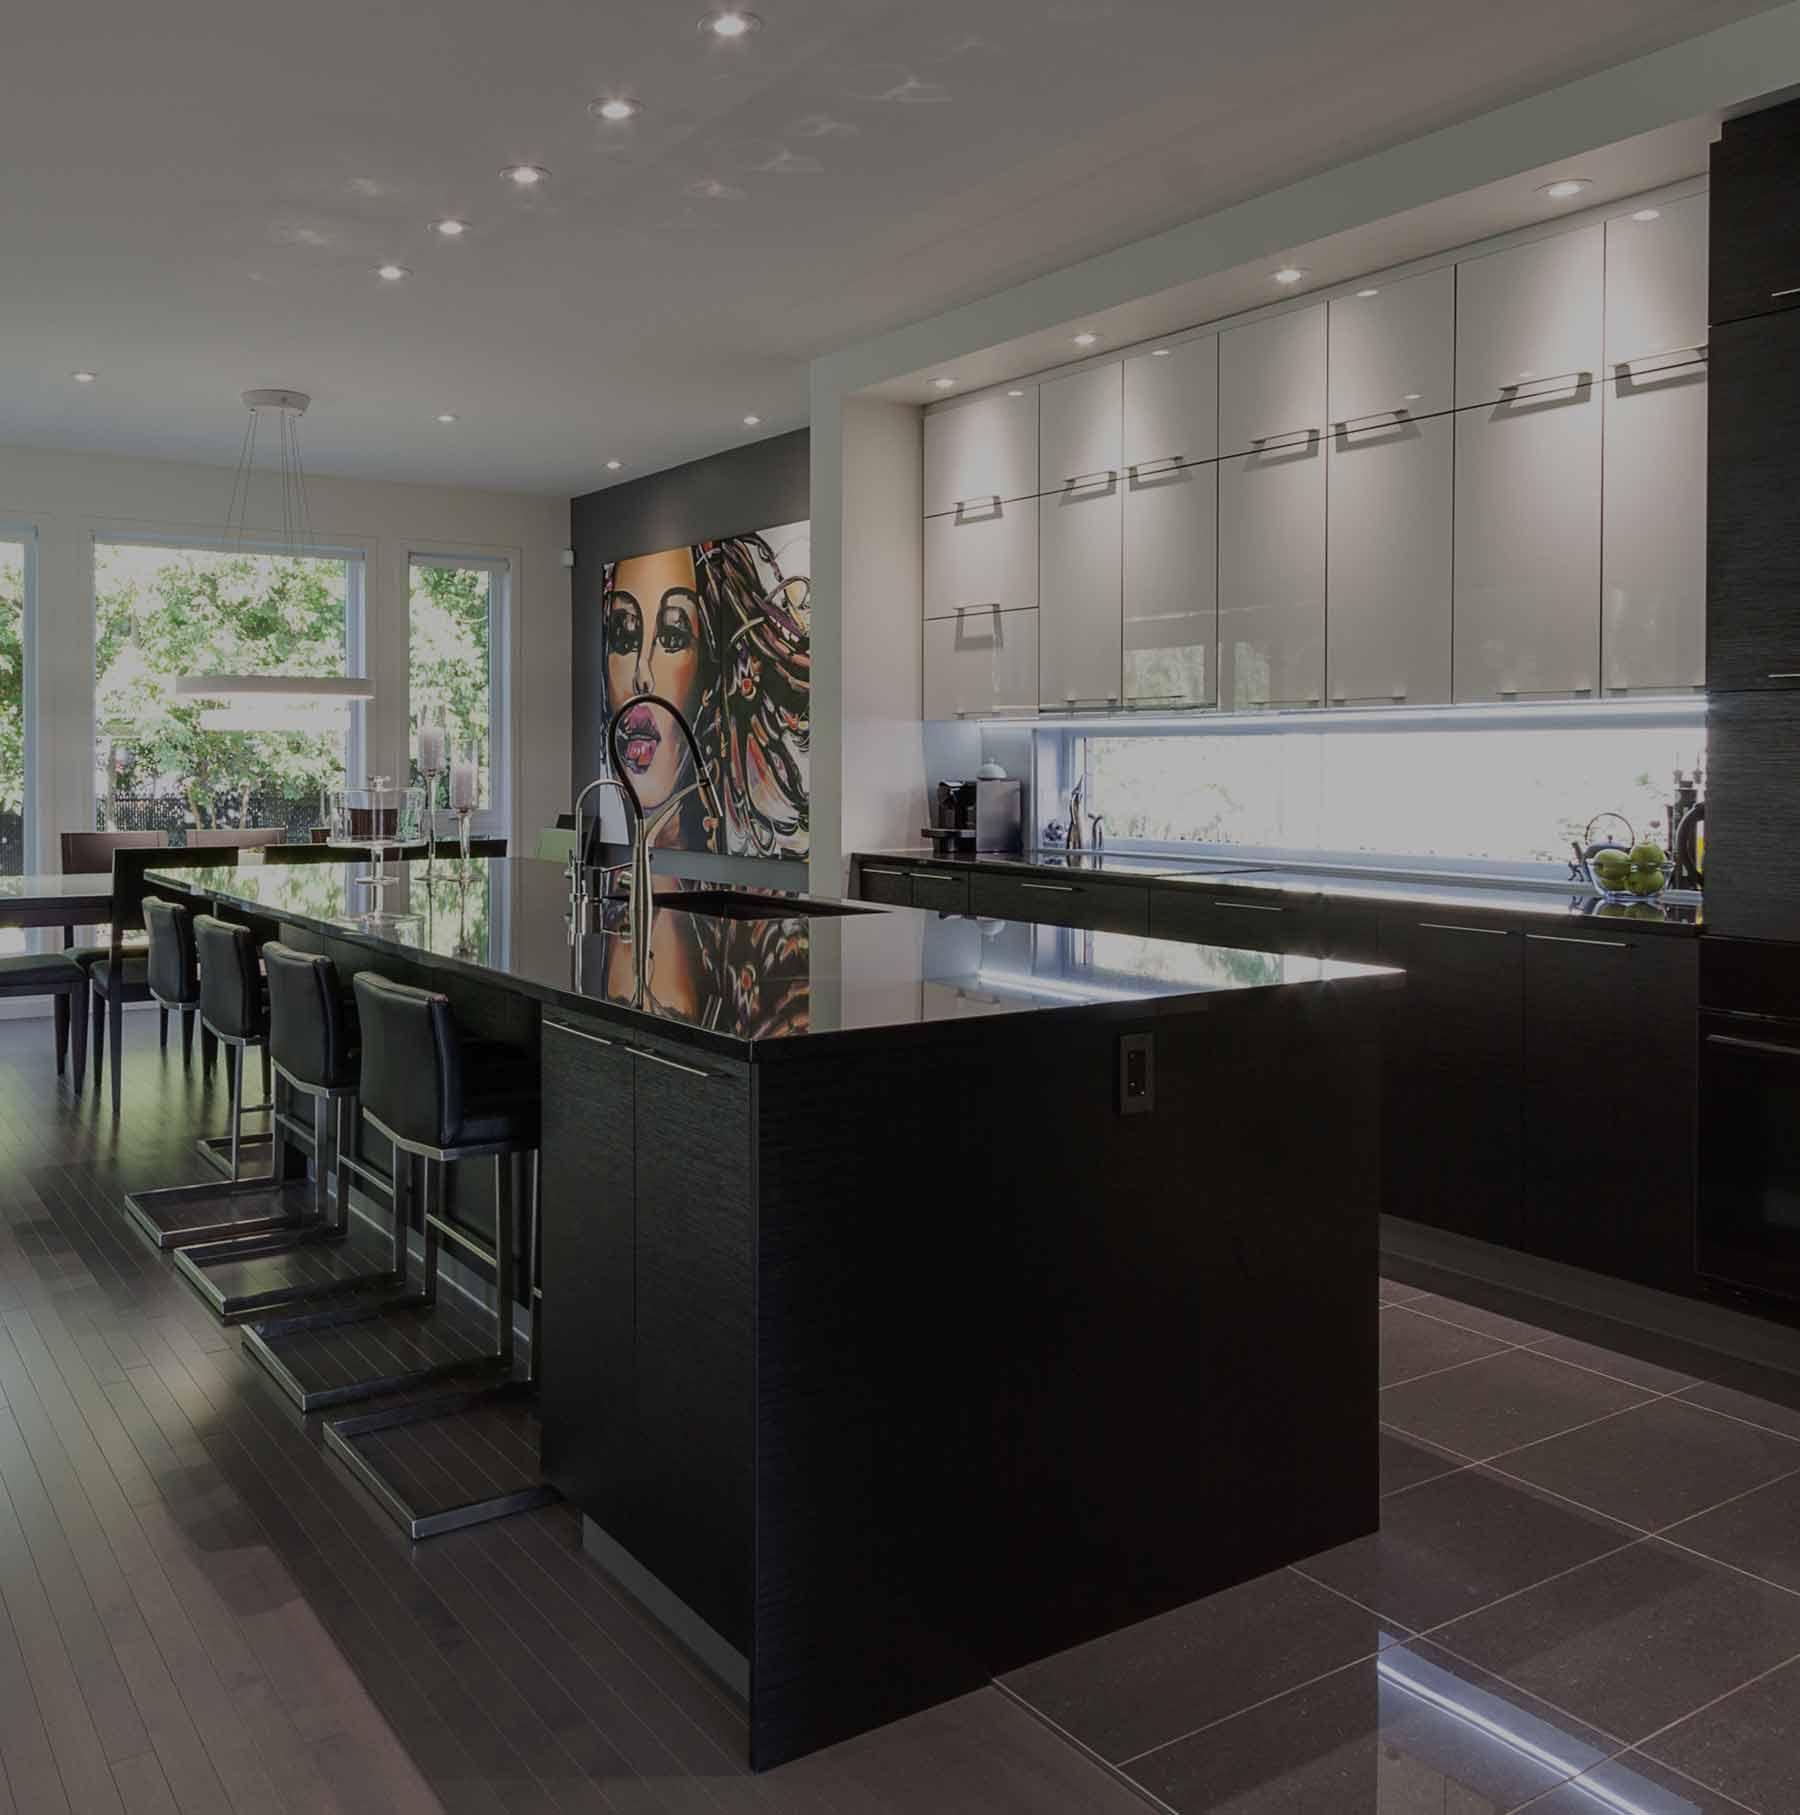 armoires sen cal fils armoire de cuisine design sur mesure. Black Bedroom Furniture Sets. Home Design Ideas